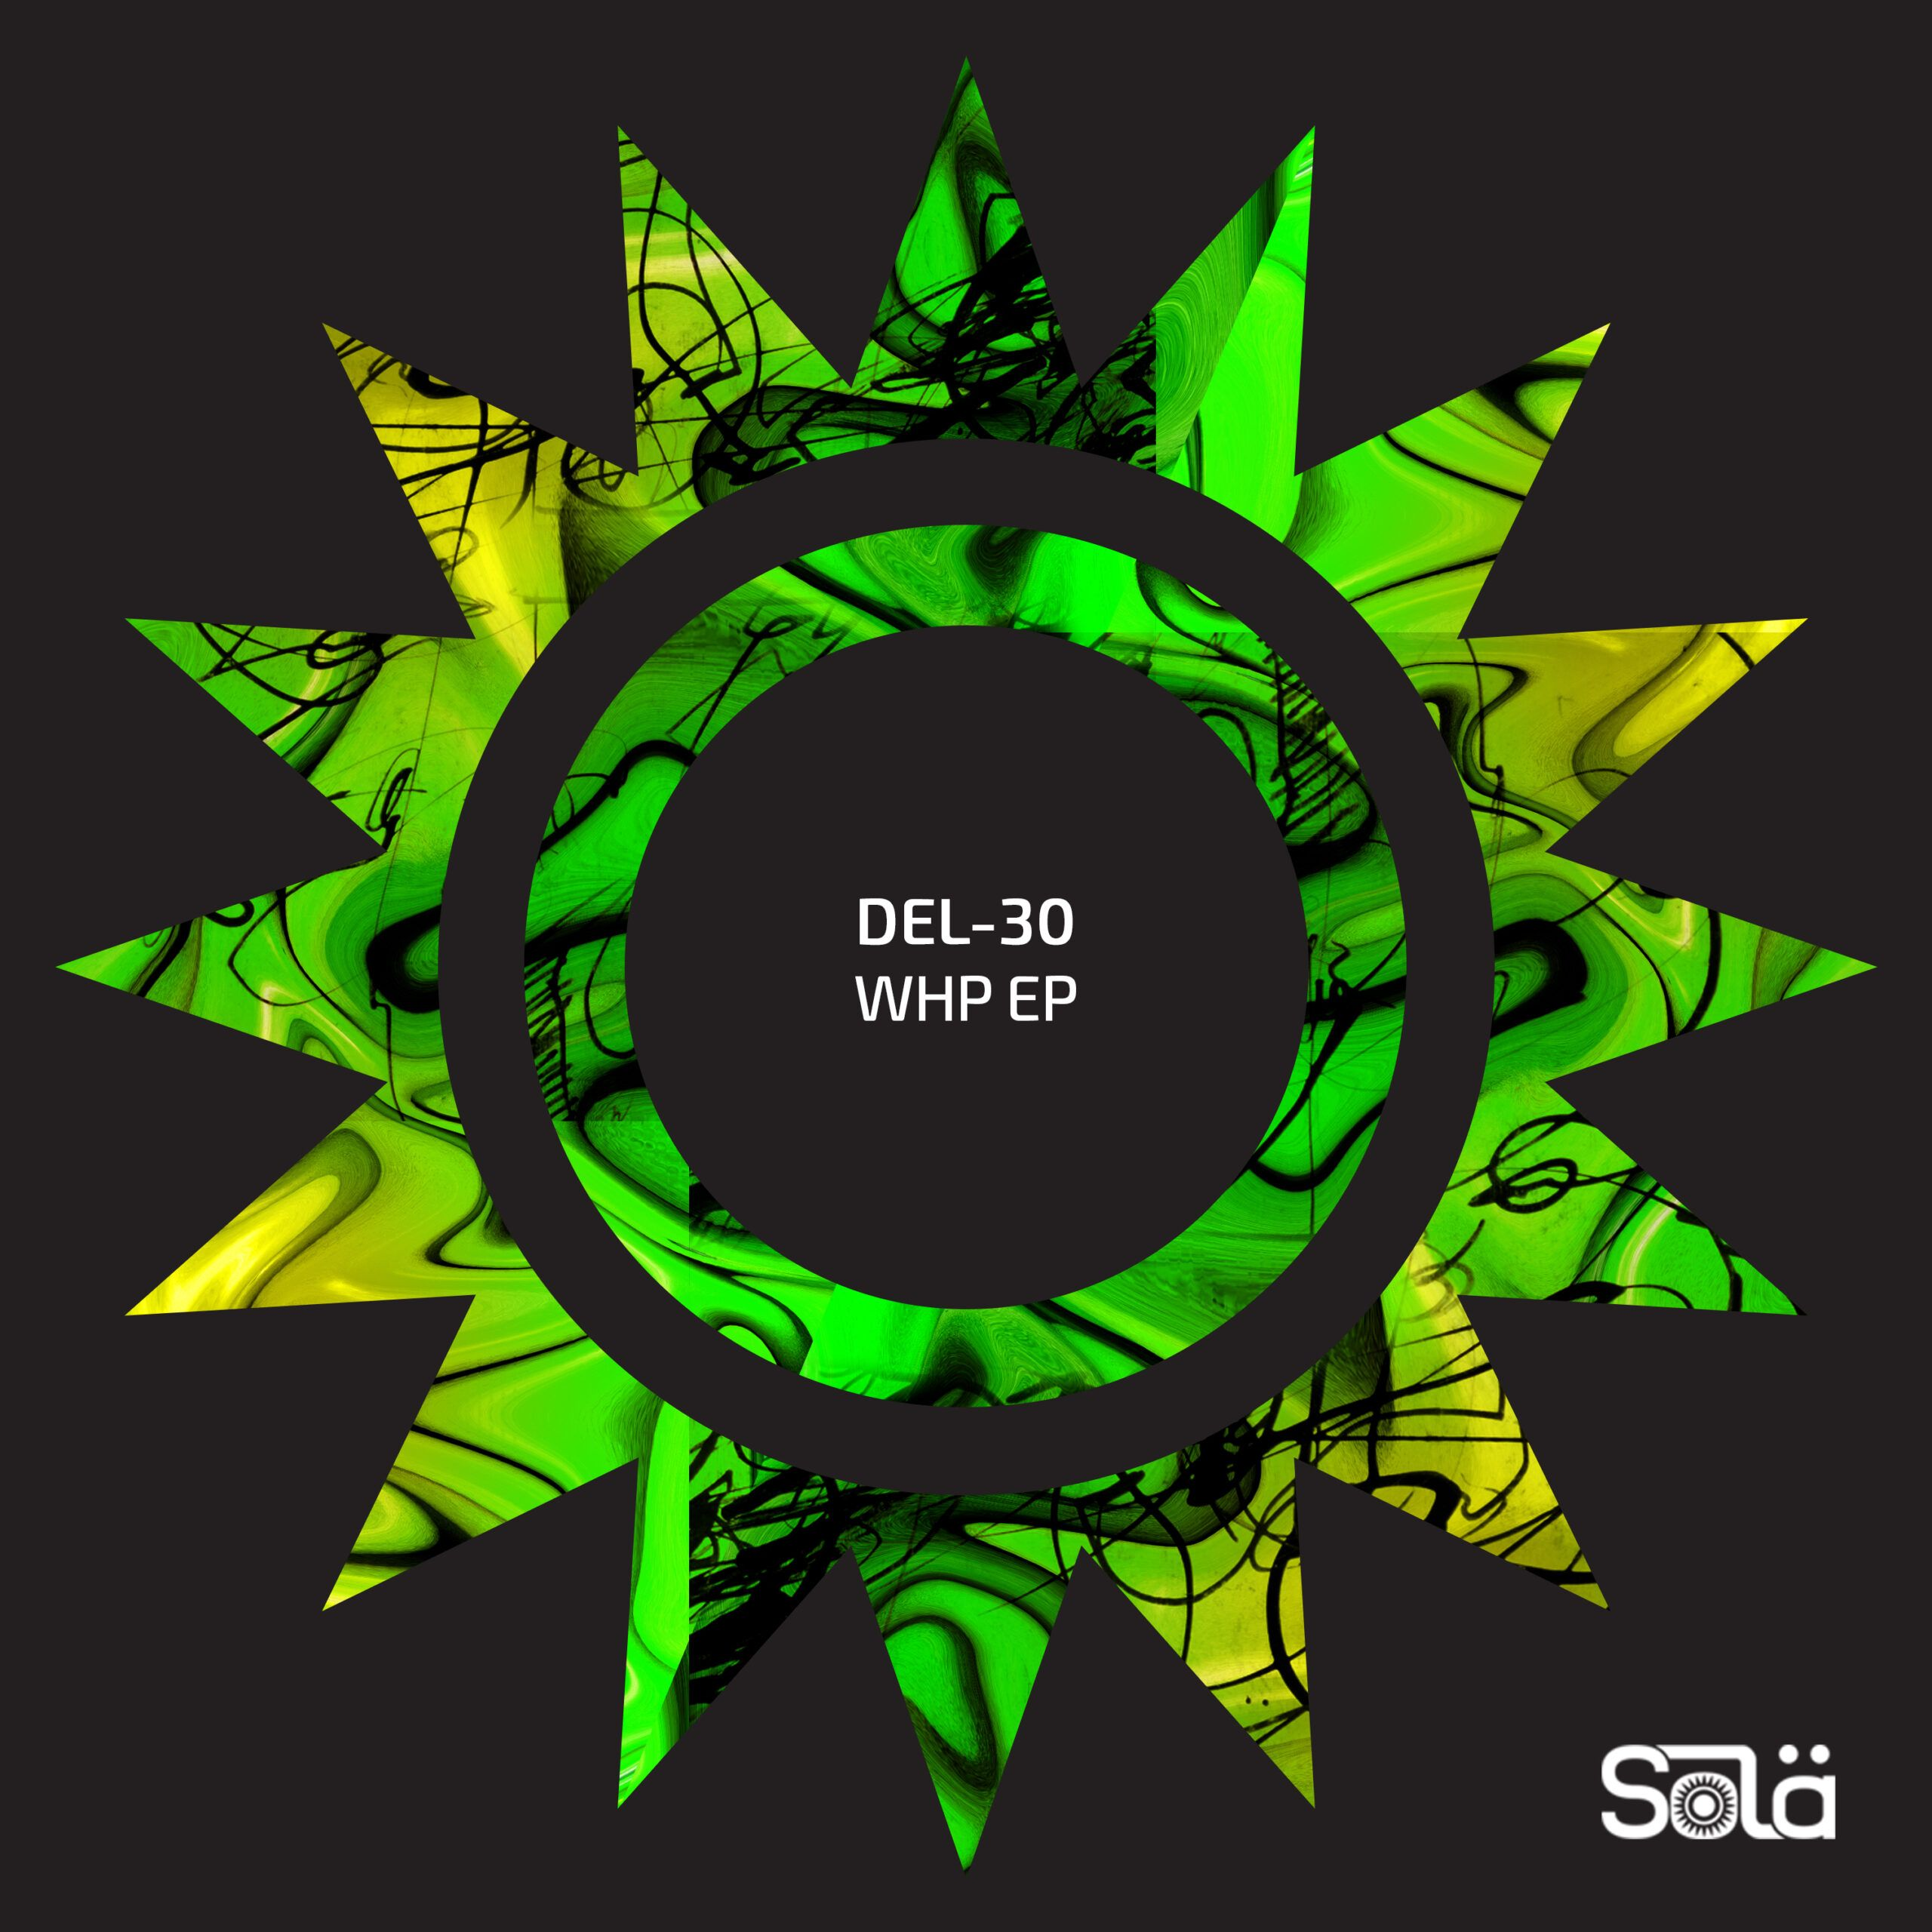 sola054-packshot-3000px_4.jpg